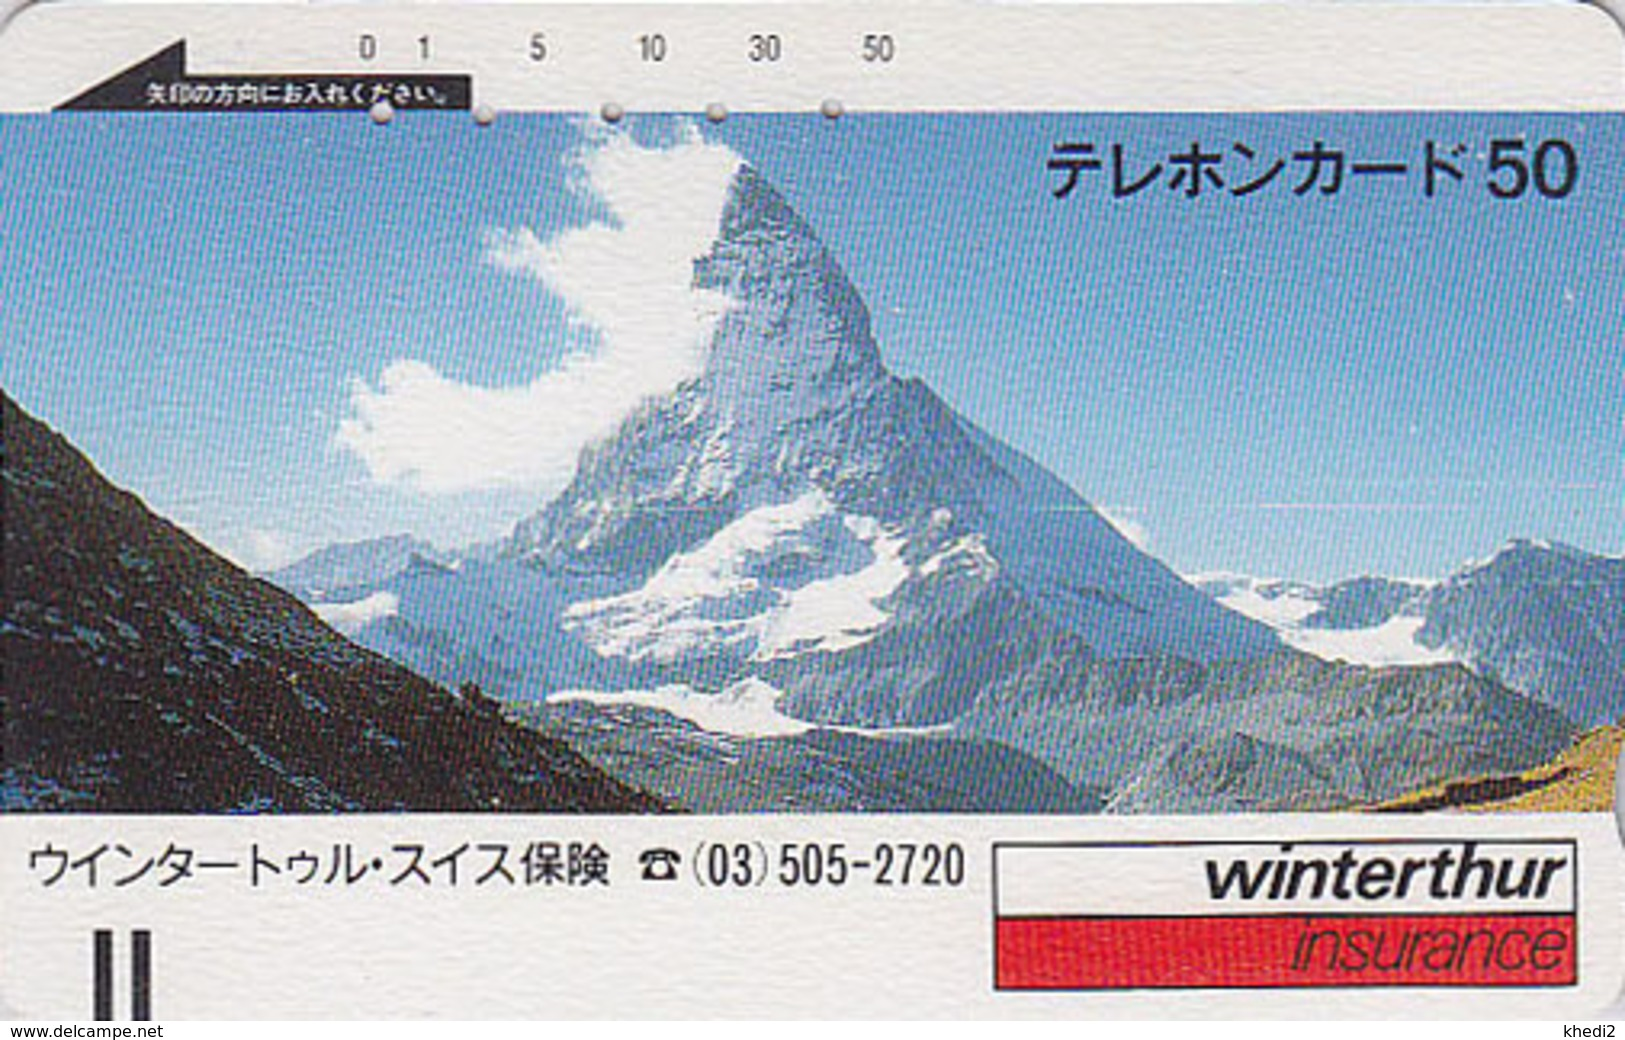 Télécarte Ancienne Japon / 110-6229 - Site SUISSE MATTERHORN  & INSURANCE - Japan Front Bar Pc / B Switzerland Assu - Montagnes